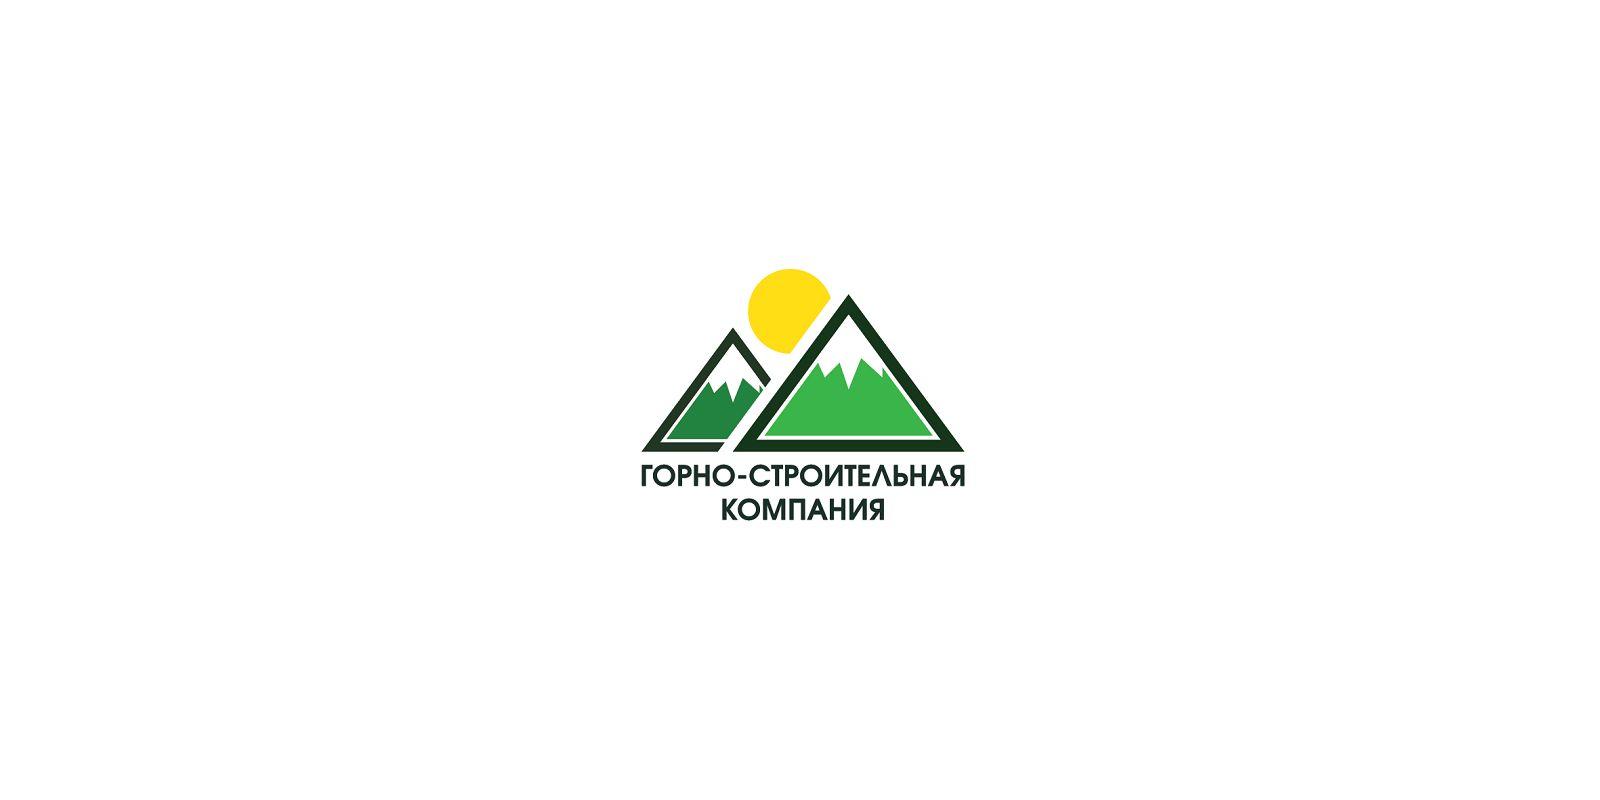 Логотип для Горно-Строительной Компании - дизайнер arturus